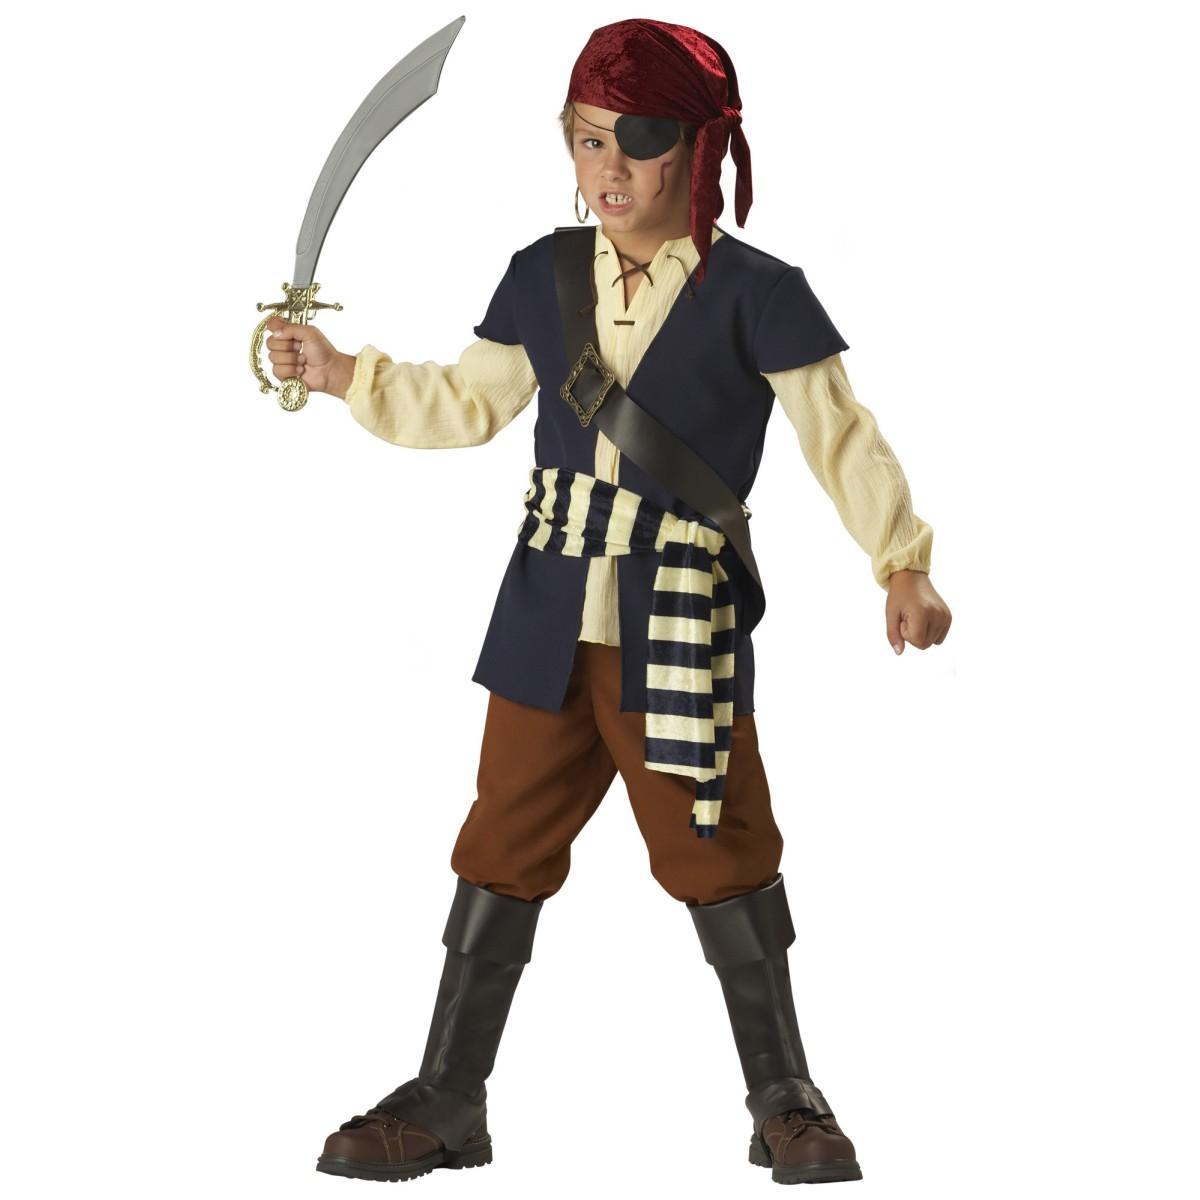 ハロウィン 子供 男の子 海賊 衣装 コスプレ コスチューム パイレーツ 仮装 あす楽